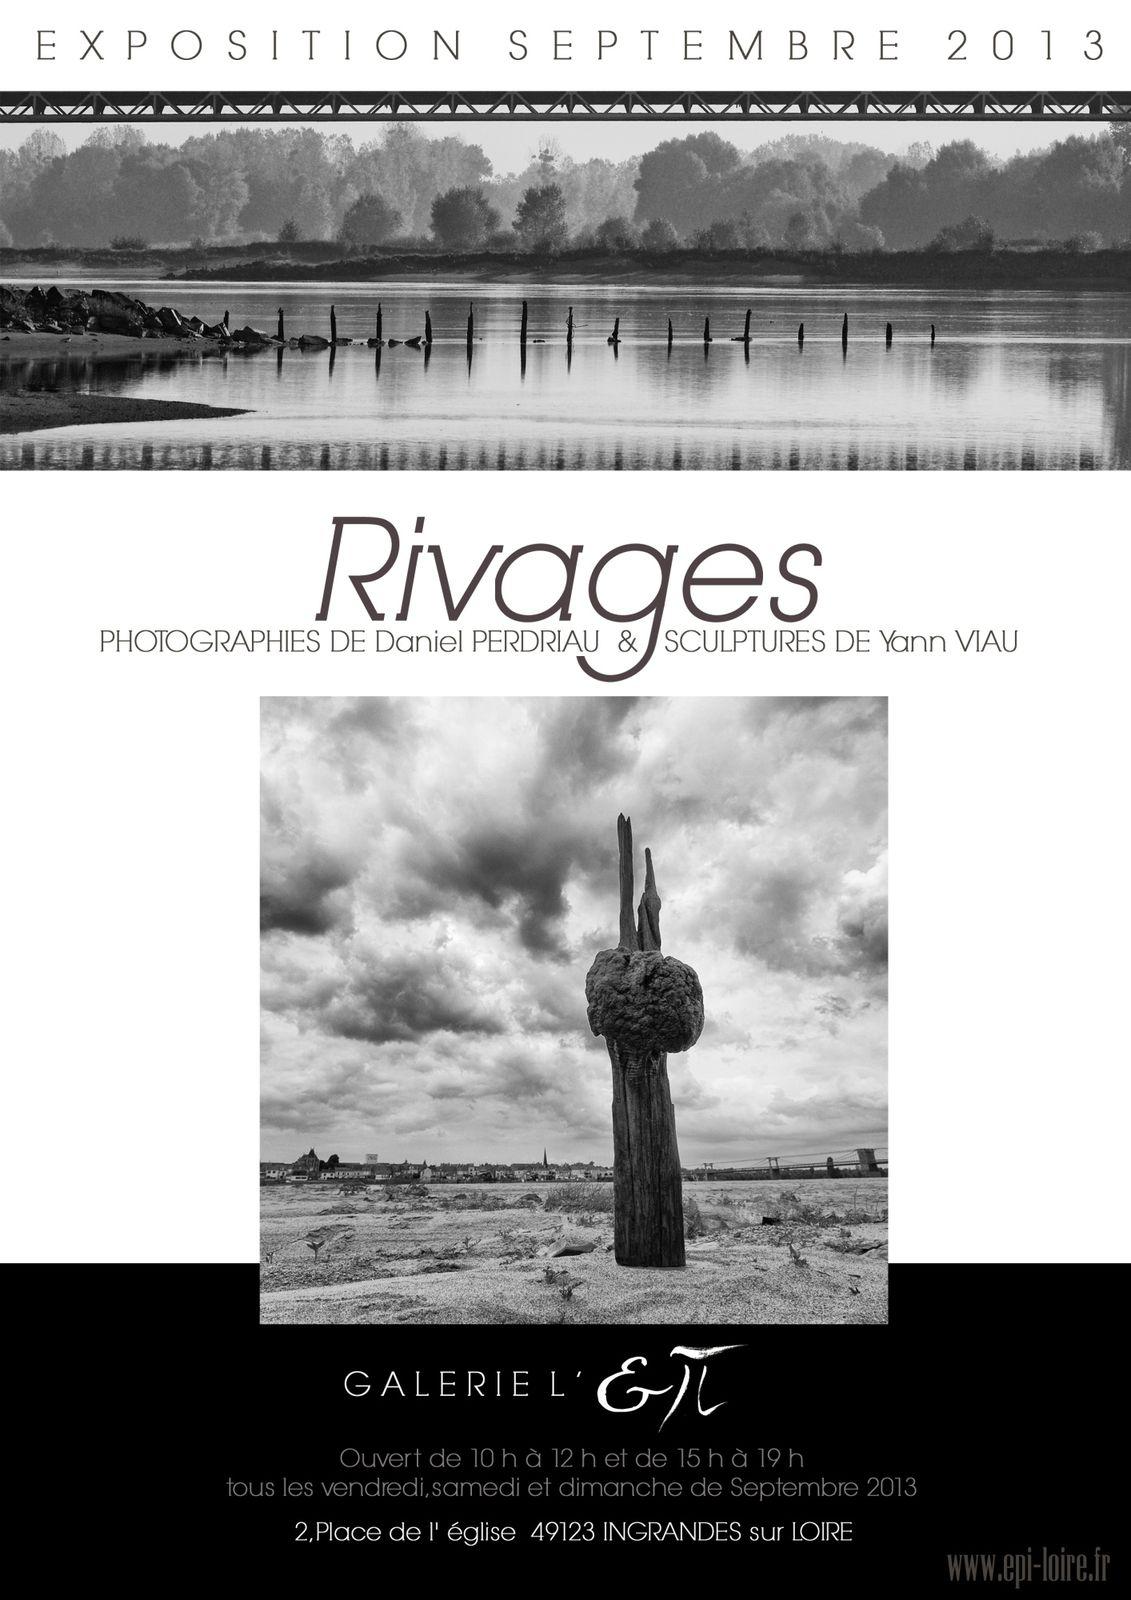 """Exposition """"Rivages"""", du 06/09/2013 au 28/09/2013. Ingrandes sur Loire (49)"""